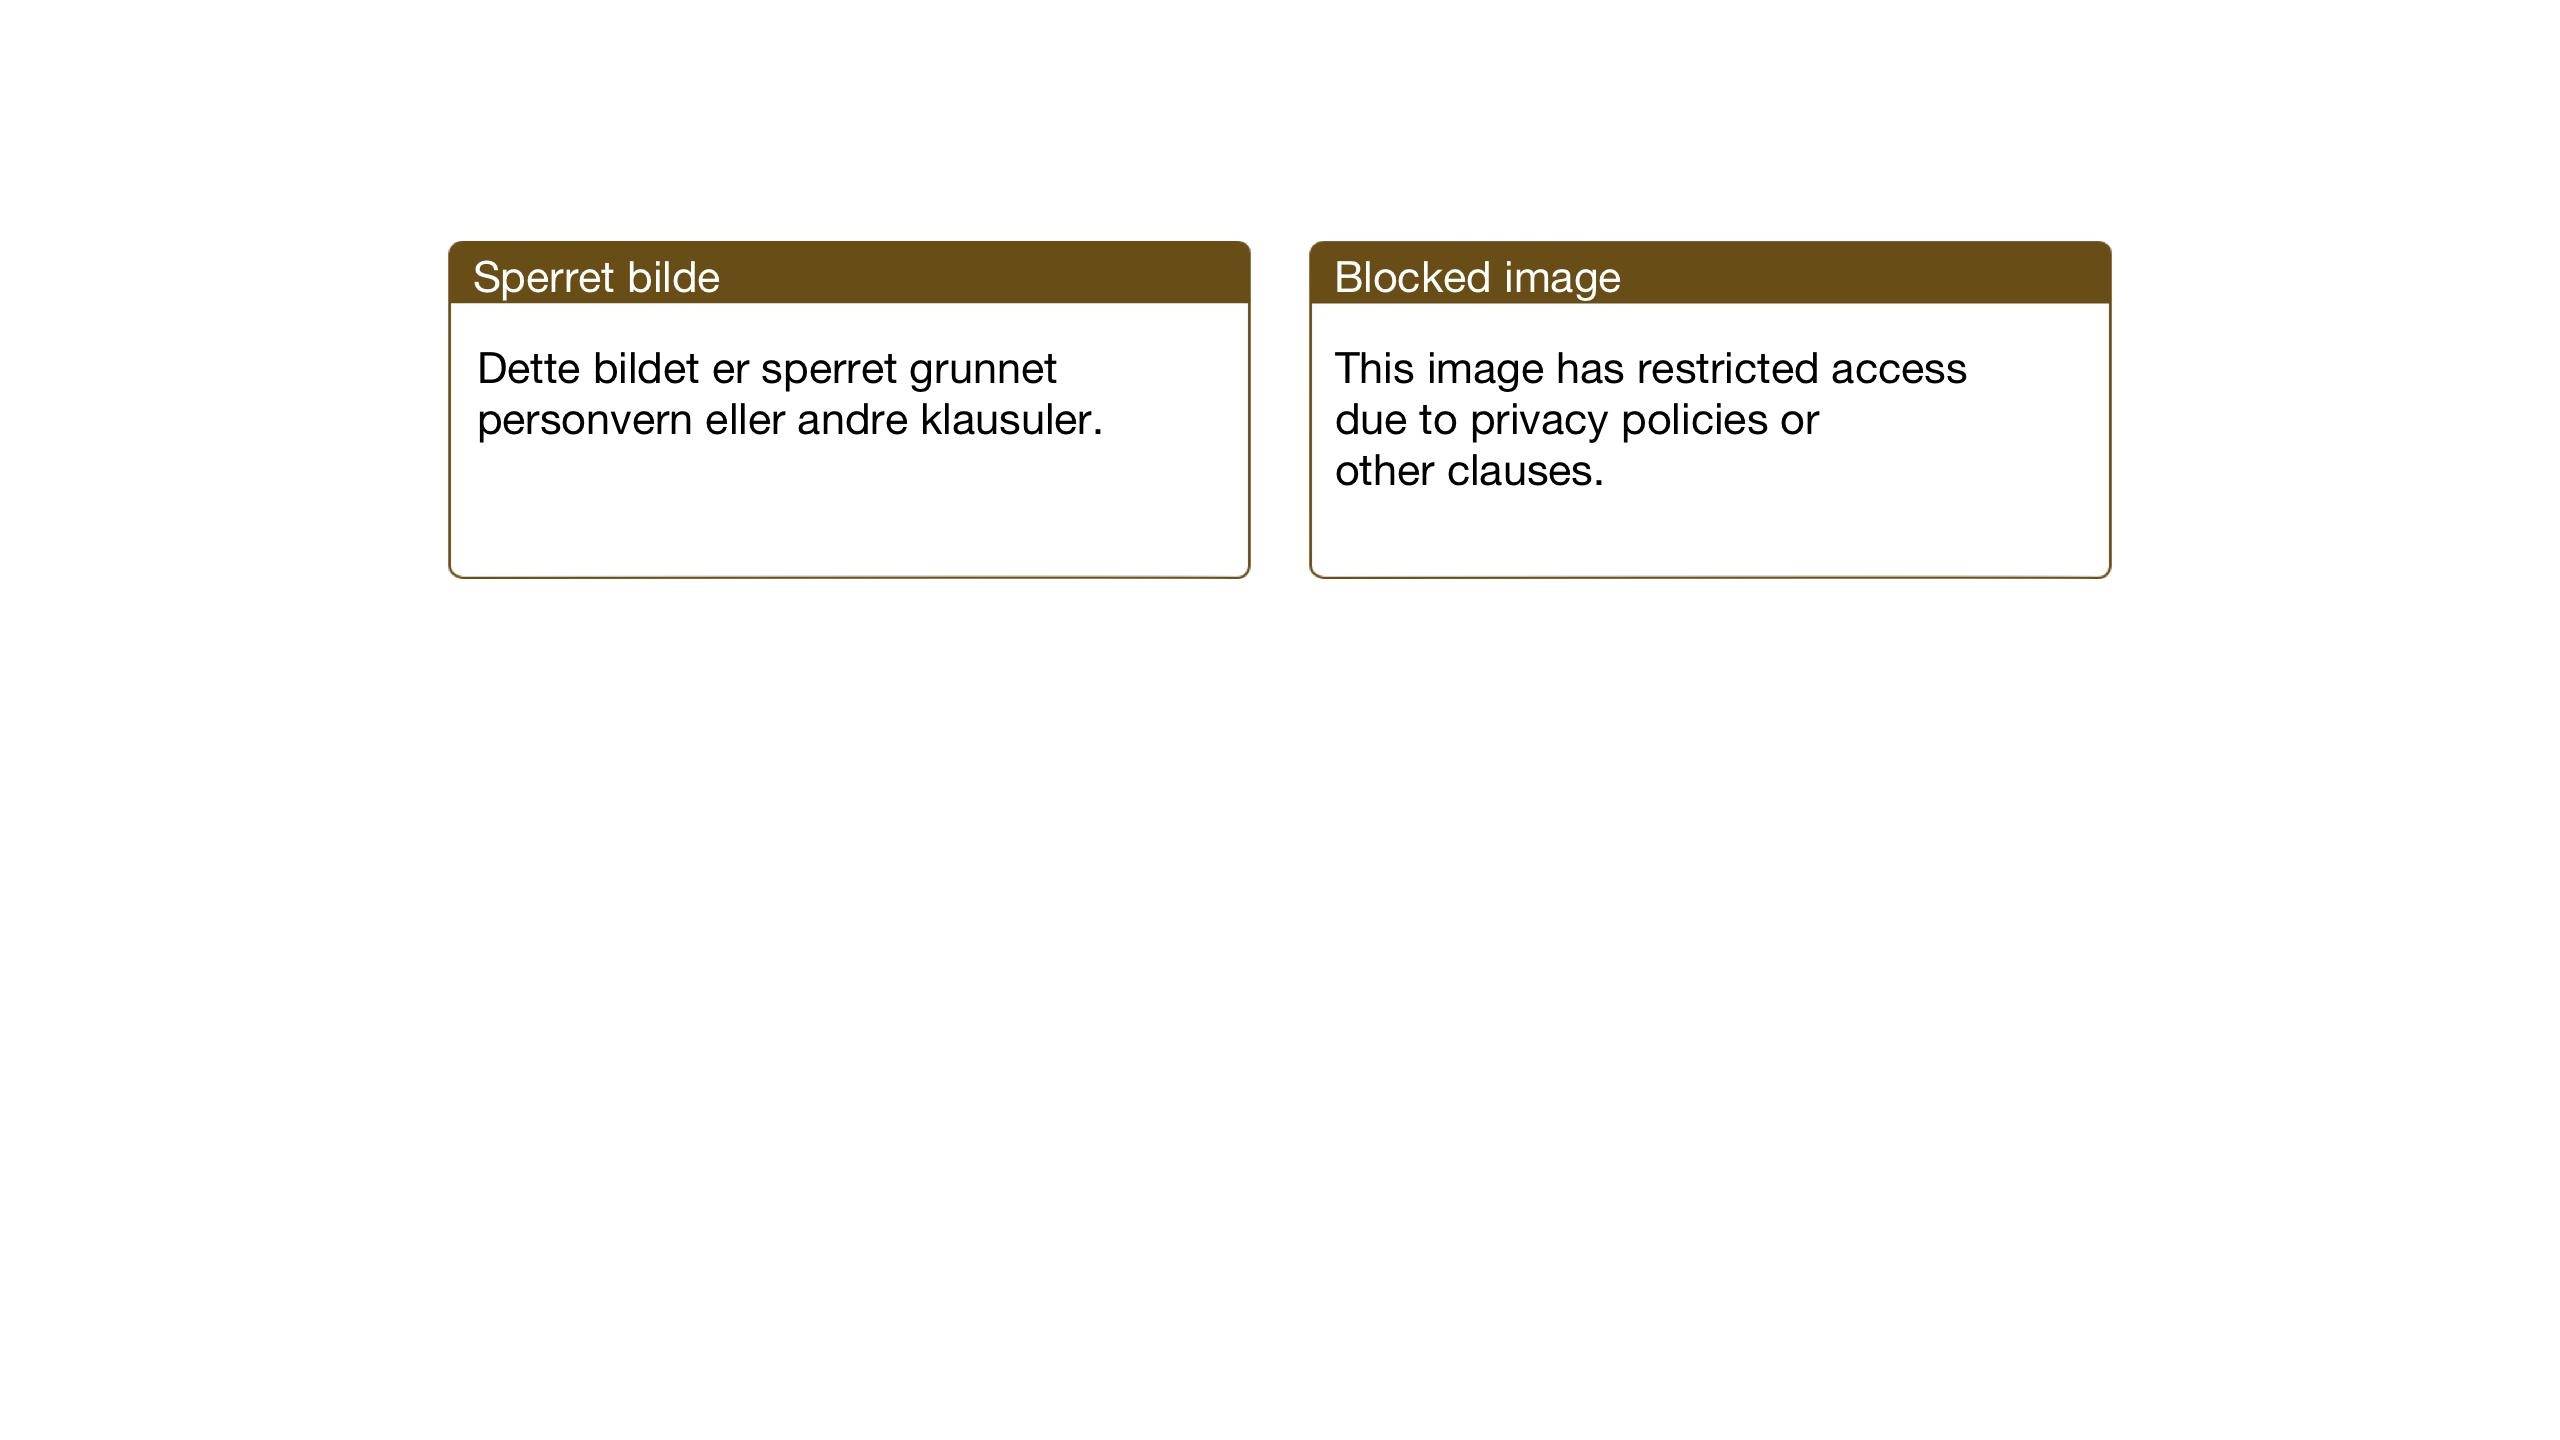 SAT, Ministerialprotokoller, klokkerbøker og fødselsregistre - Sør-Trøndelag, 630/L0508: Klokkerbok nr. 630C06, 1933-1950, s. 86